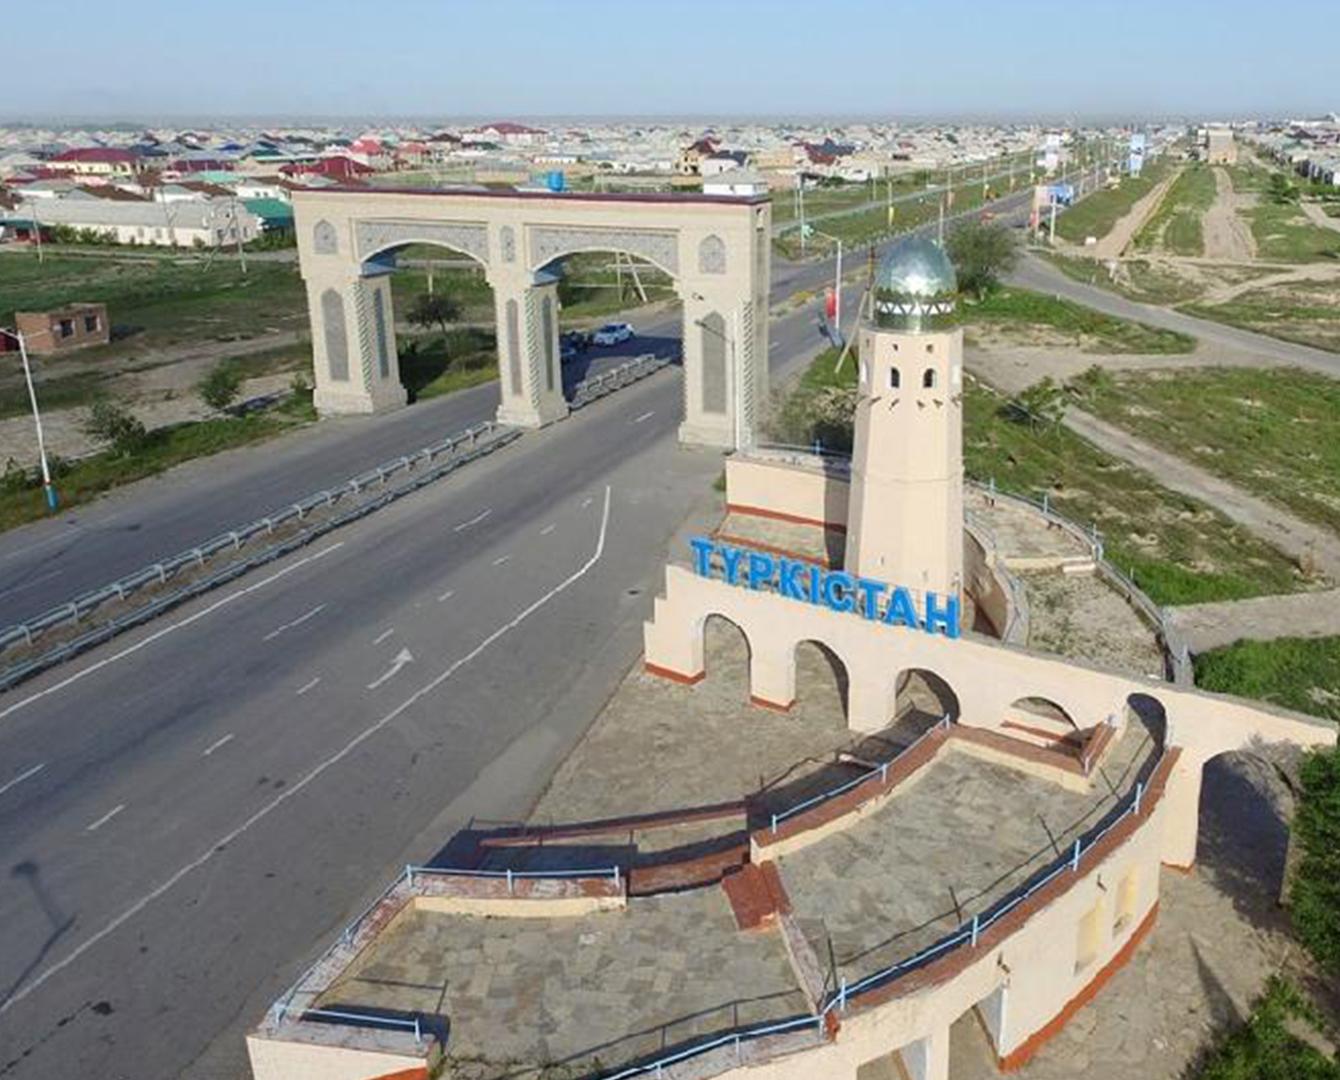 Түркістанның ежелгі сәулеті қалпына келтіріледі - Мәдениет министрі